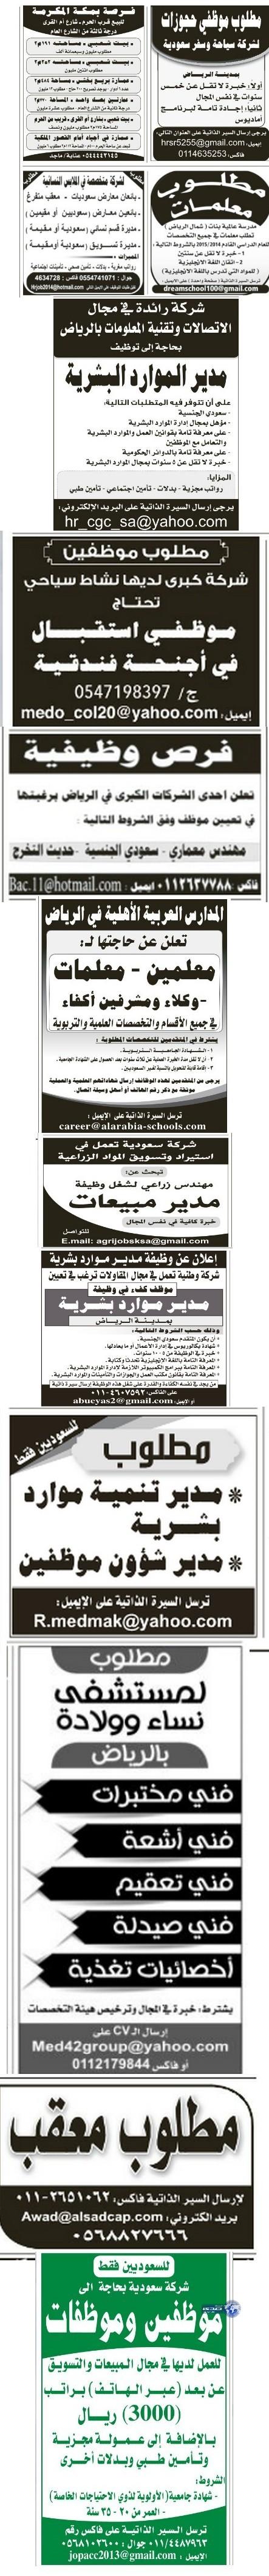 وظائف رجالية اليوم 2-6-1435 ، وظائف شبابية الاربعاء 2-4-2014